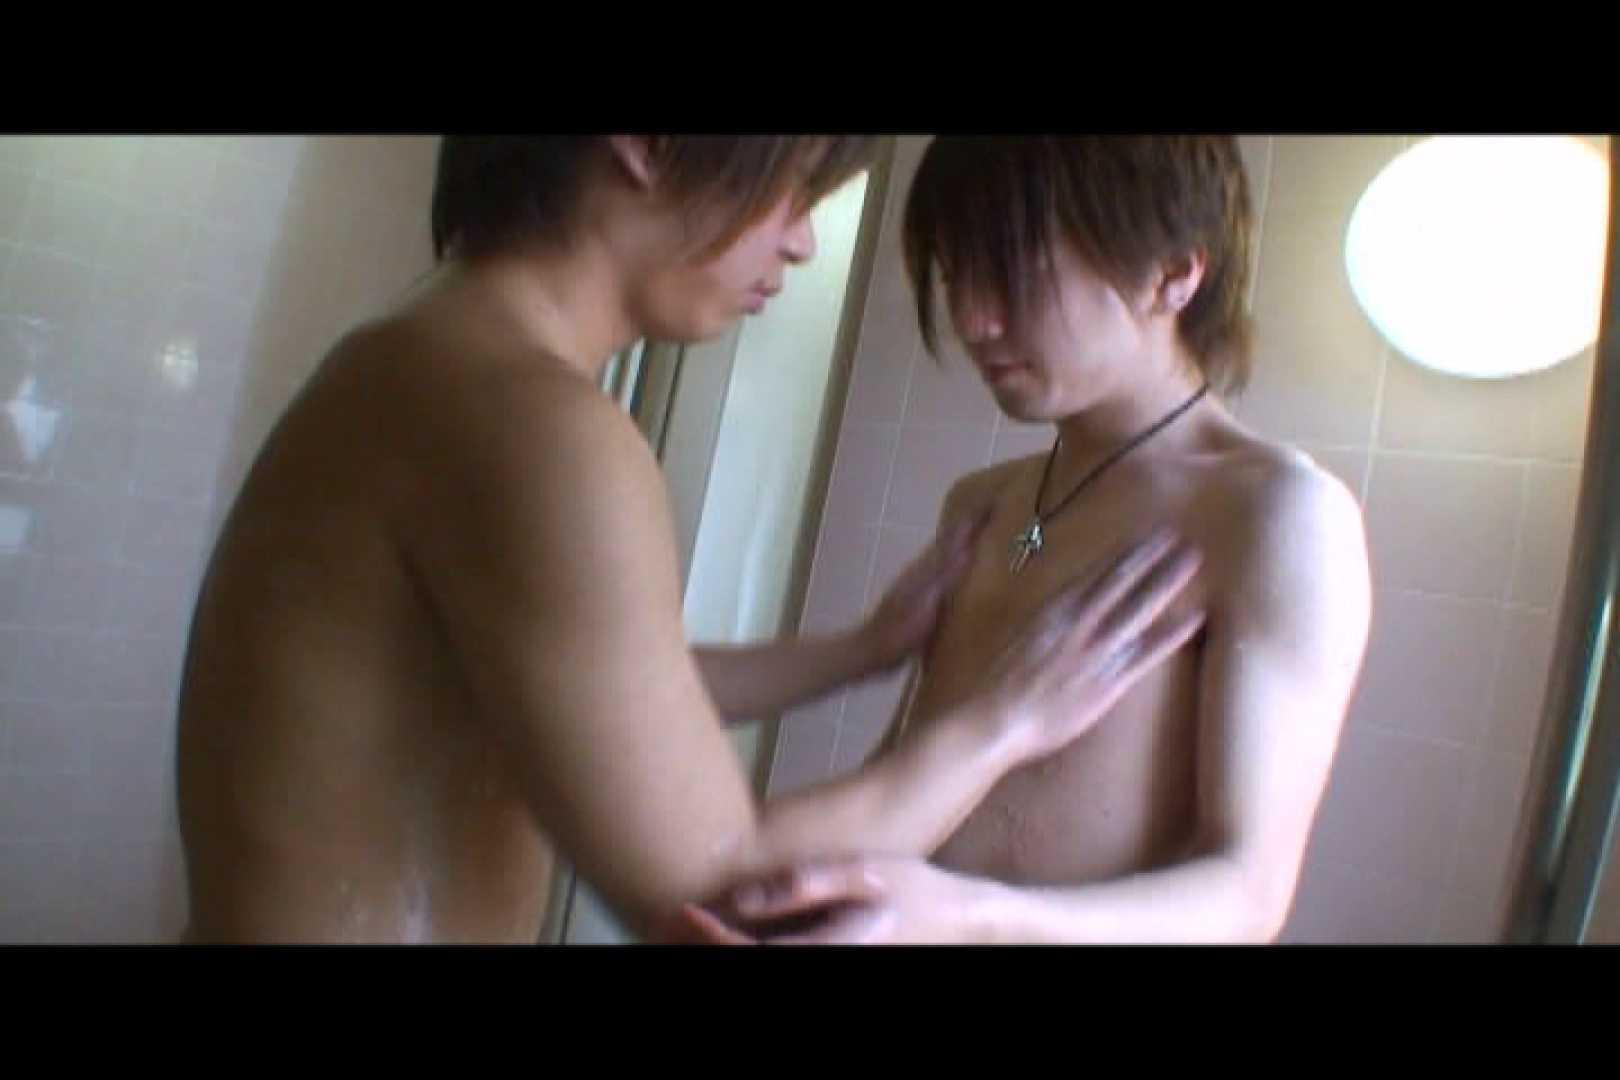 コンビネーションBoys!vol.01 エロ動画 ゲイアダルト画像 90枚 12